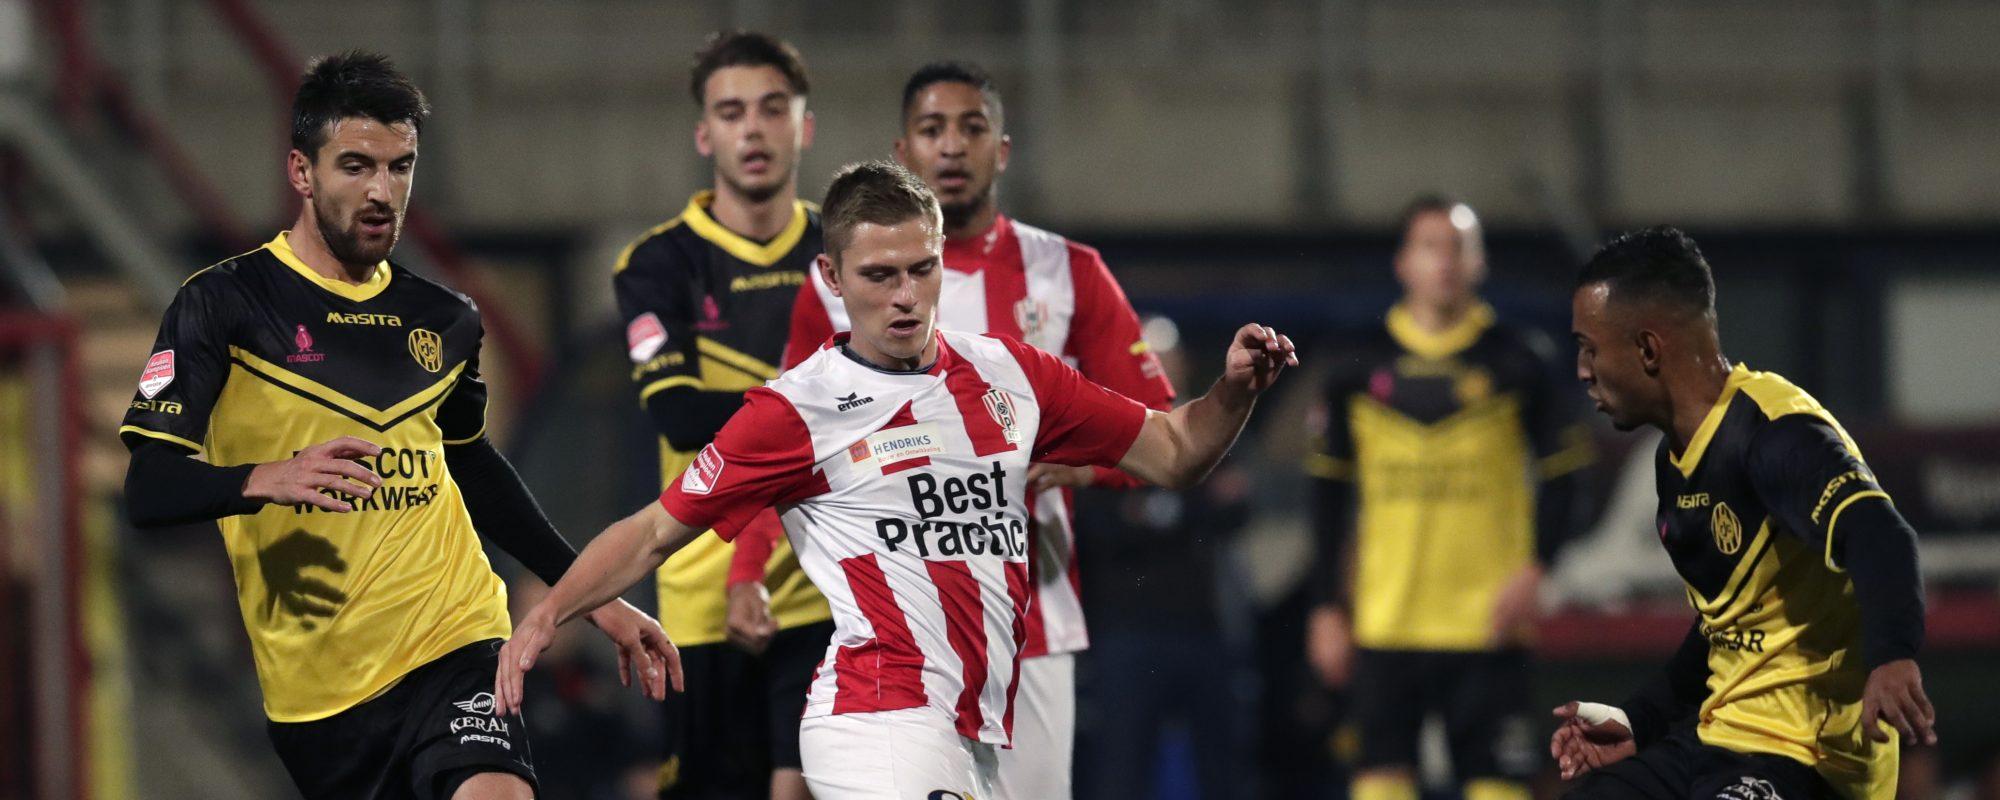 Voorbeschouwing Roda JC – TOP Oss